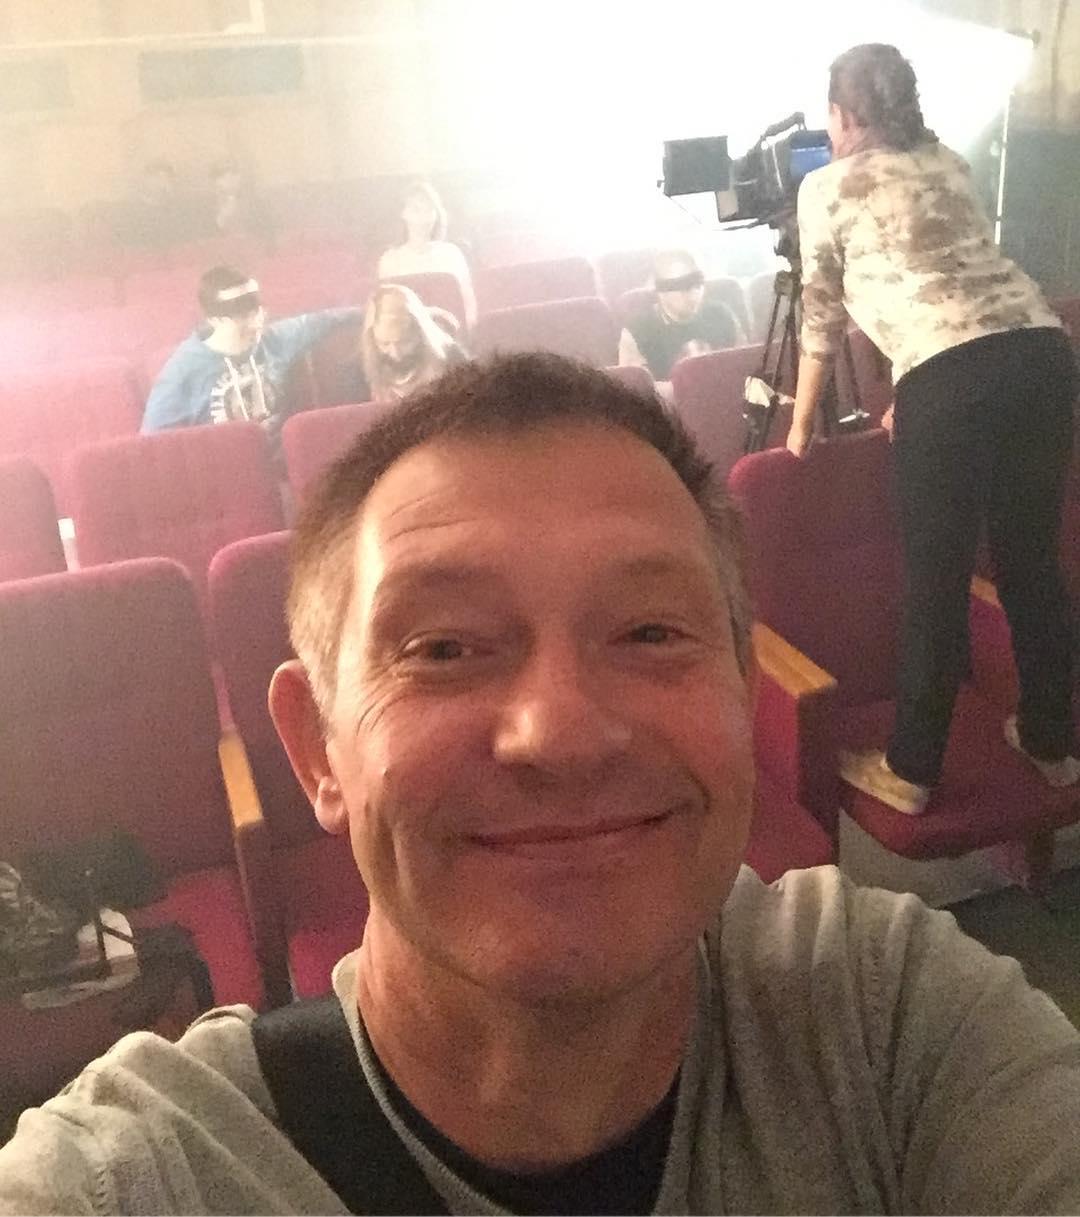 Телеведущий программы «Очевидец с Иваном Усачевым» - Иван Усачев, его биография и личная жизнь.